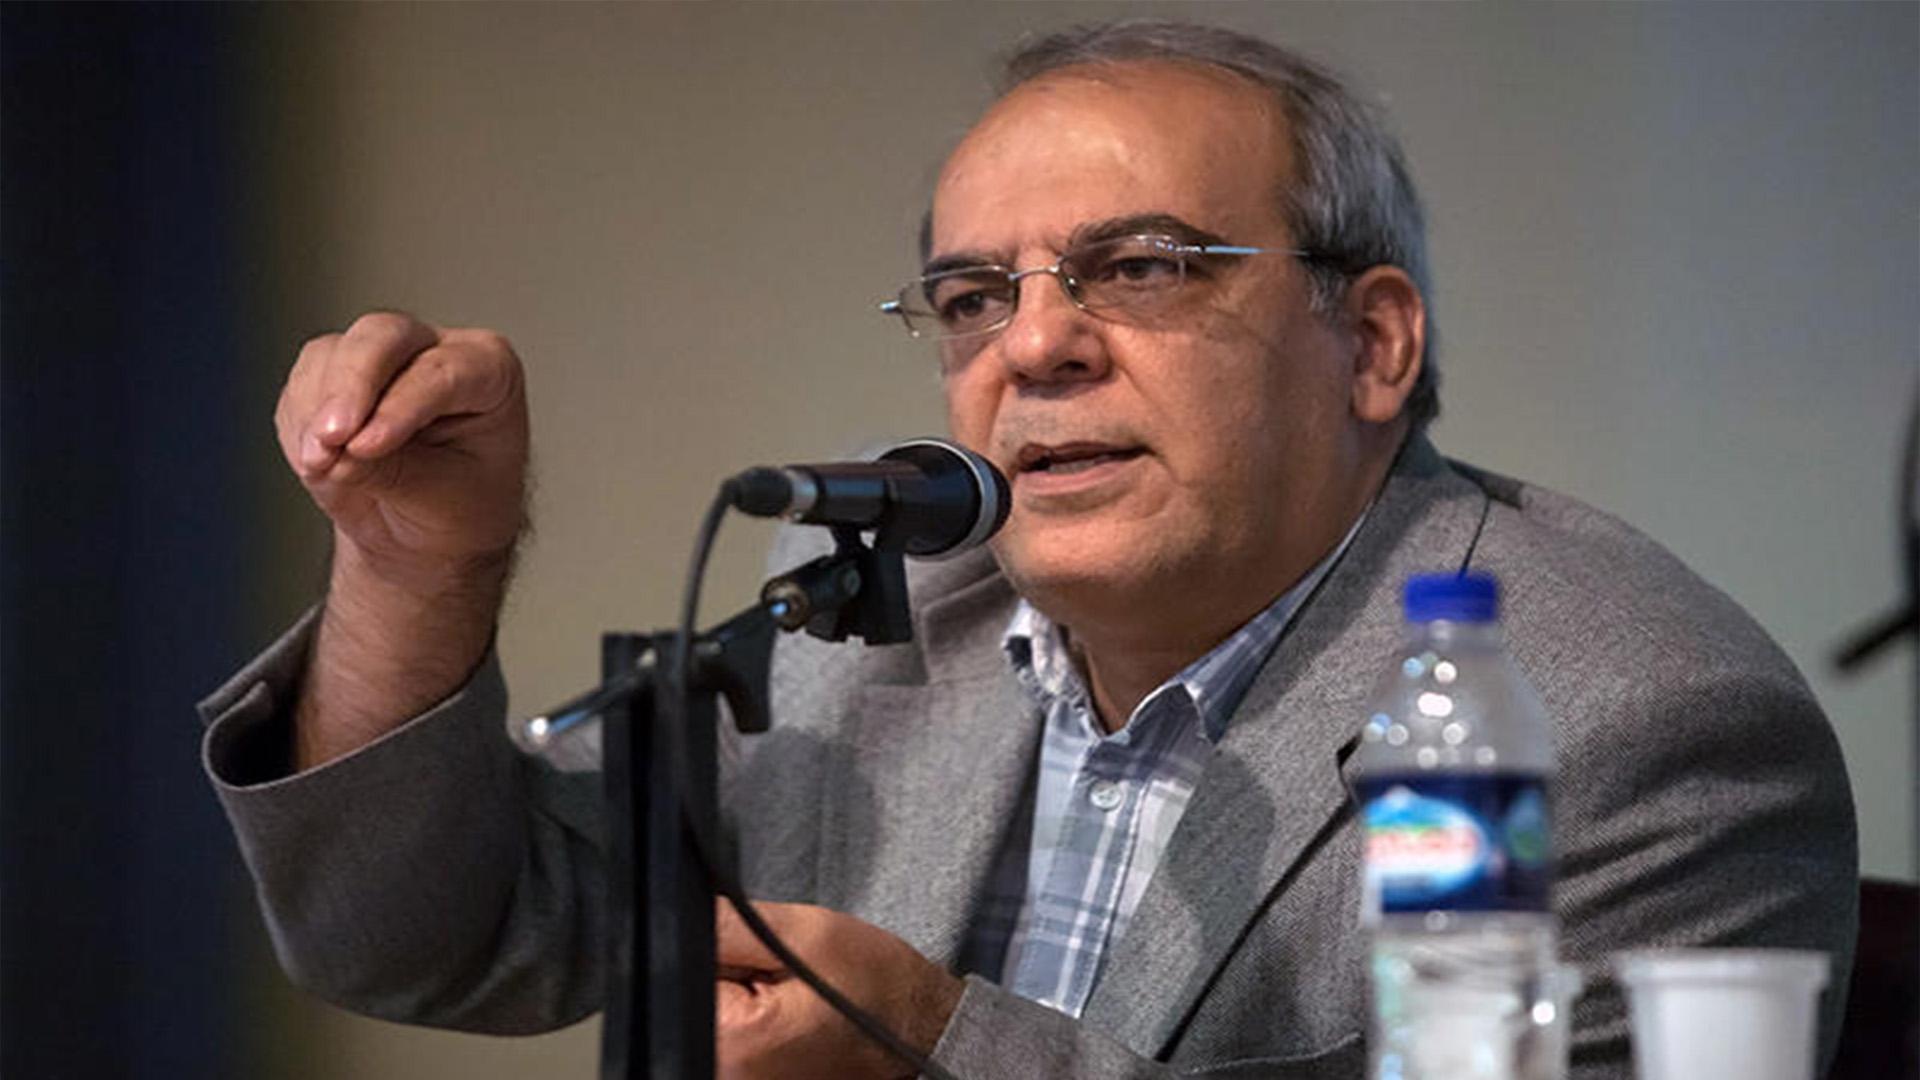 دانلود نظر عباس عبدی درباره ی شهرام ناظری و تتلو وقتی تتلو جایزه میگیرد و شهرام ناظری نمیتواند کنسرت دهد